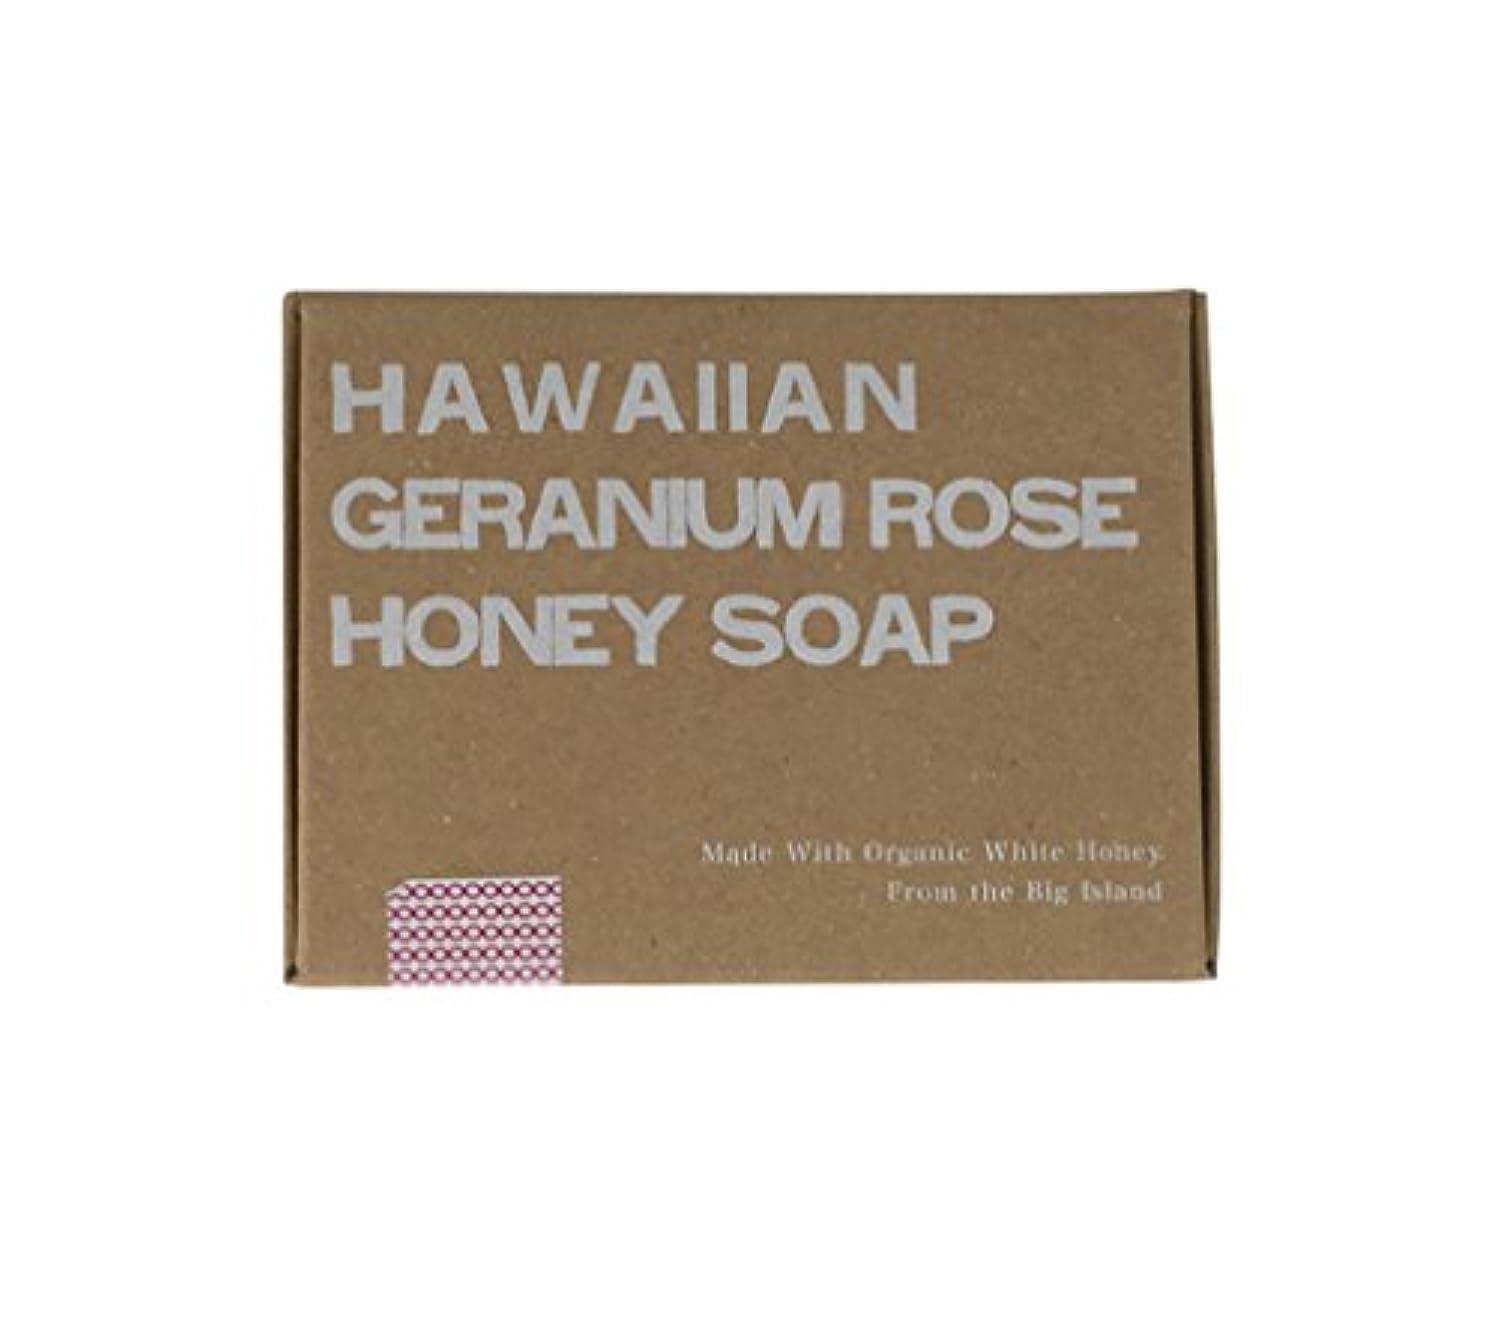 の頭の上価格行進ホワイトハニーオーガニクス ハワイアン?ゼラニウムローズ?ハニーソープ (Hawaiian Geranium Rose Honey Soap)